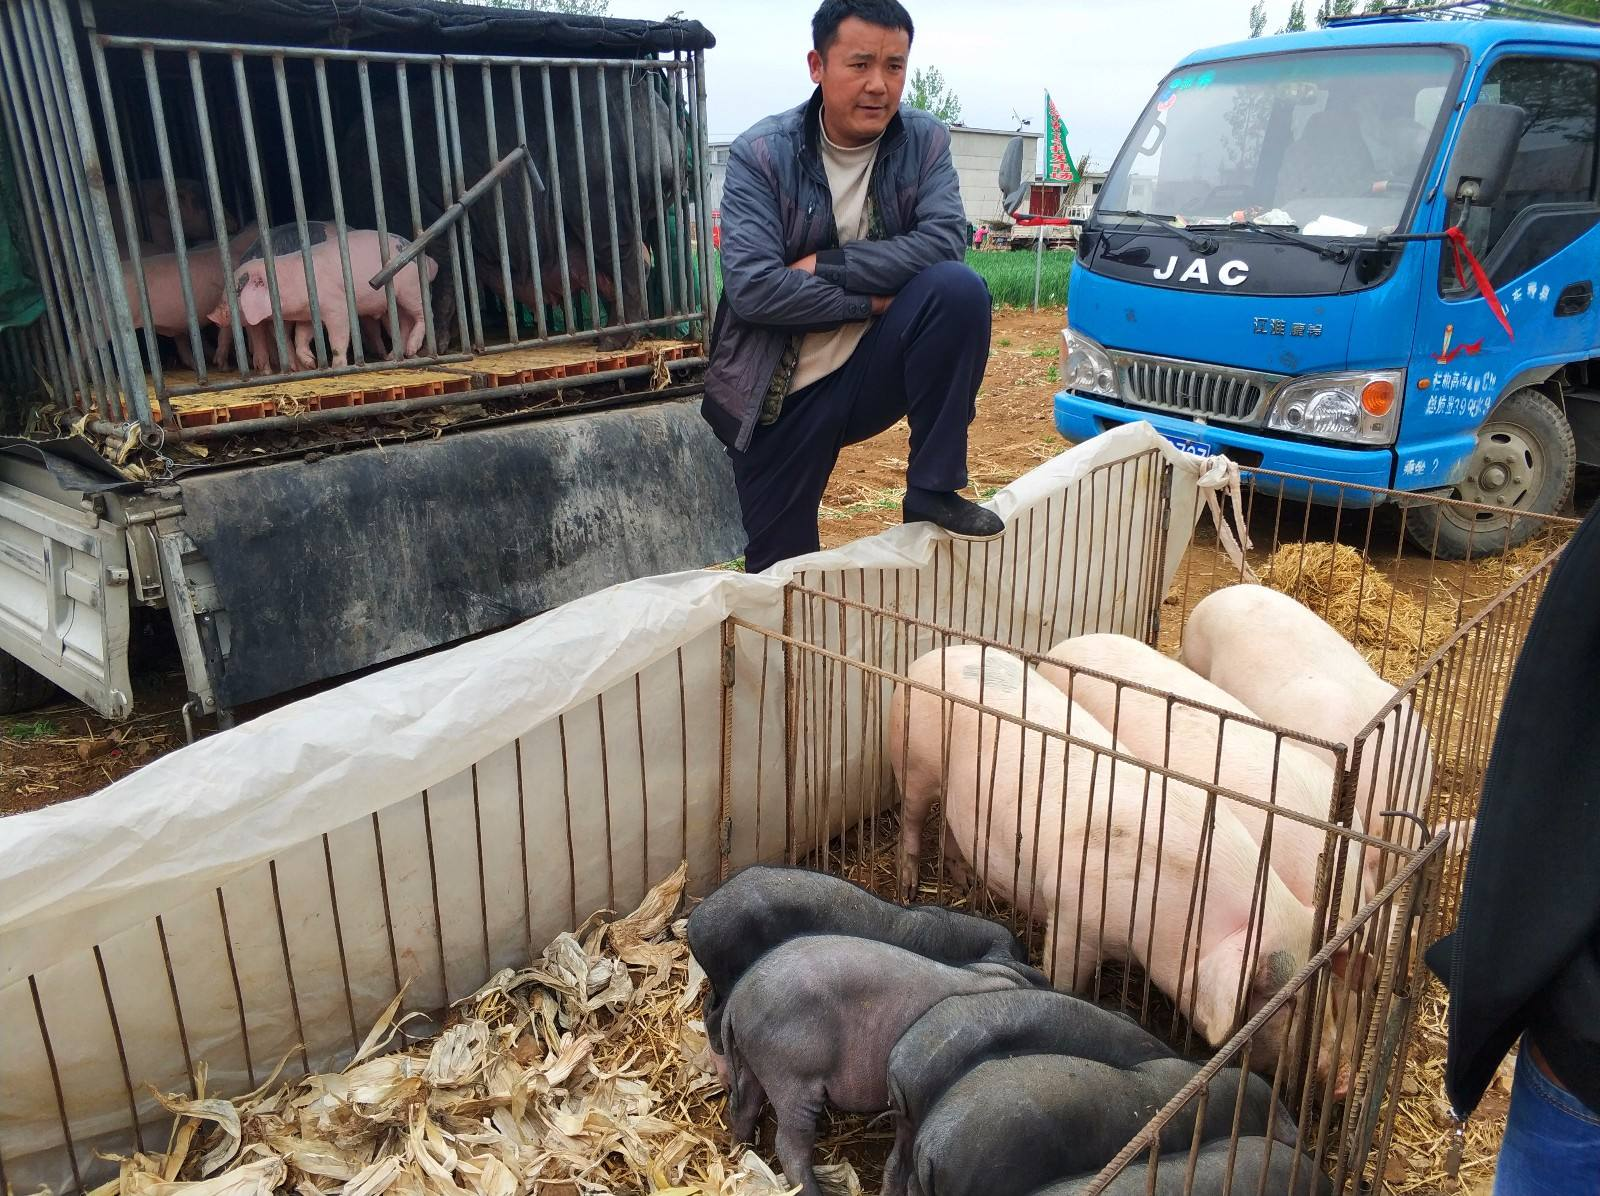 3月3日猪价走势:低价区屠企上调收猪价格,江西暴跌1.09元/公斤